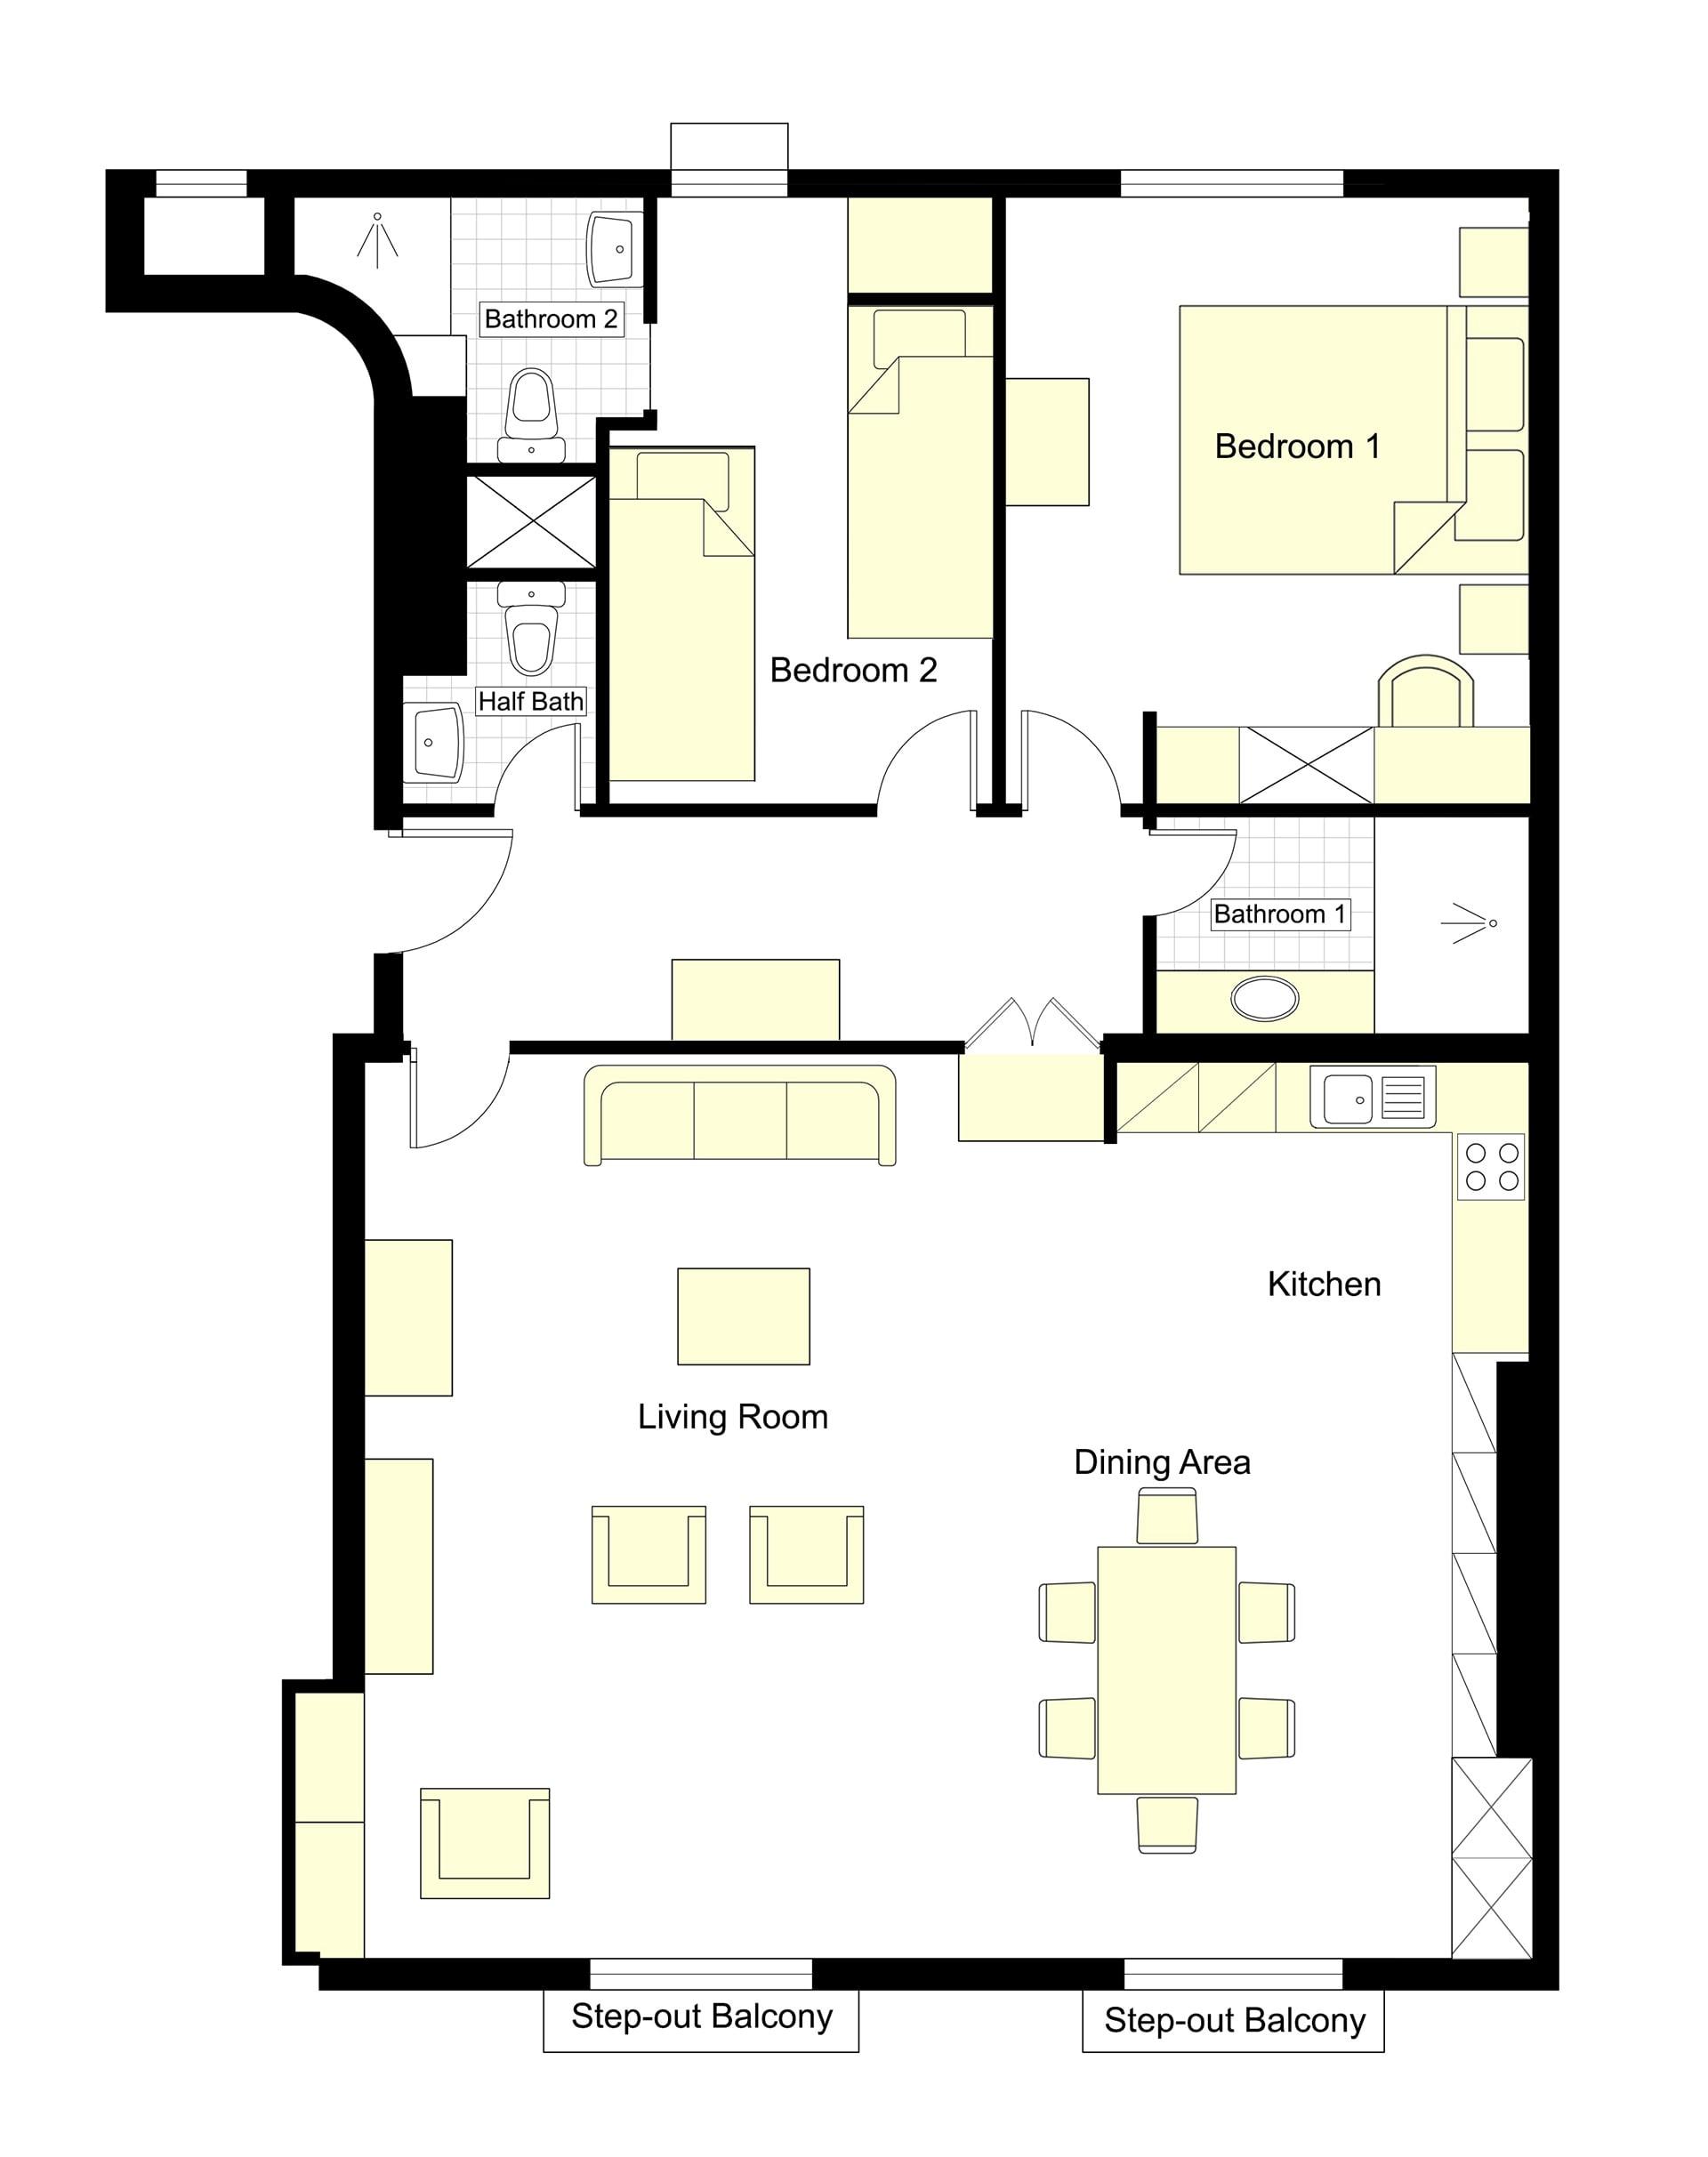 Saint Emilion Floorplan